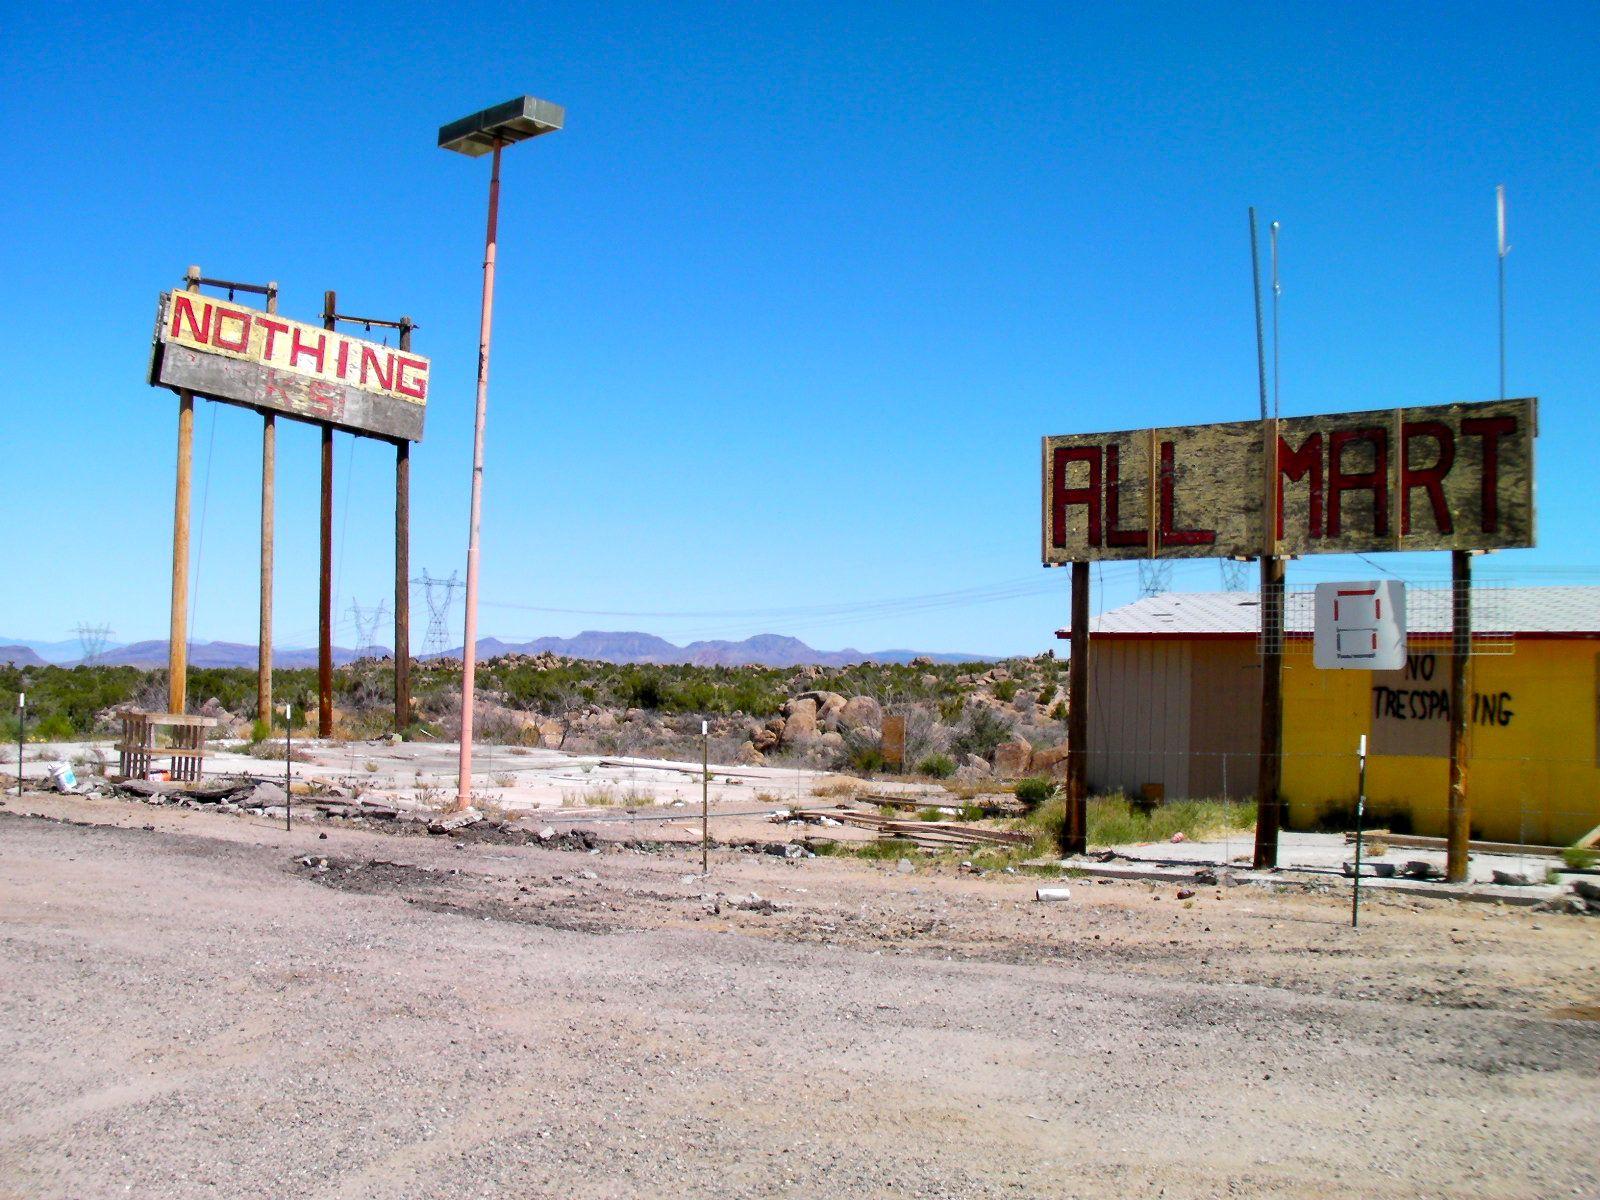 US 93 Nothing Arizona US 93 Nothing Arizona